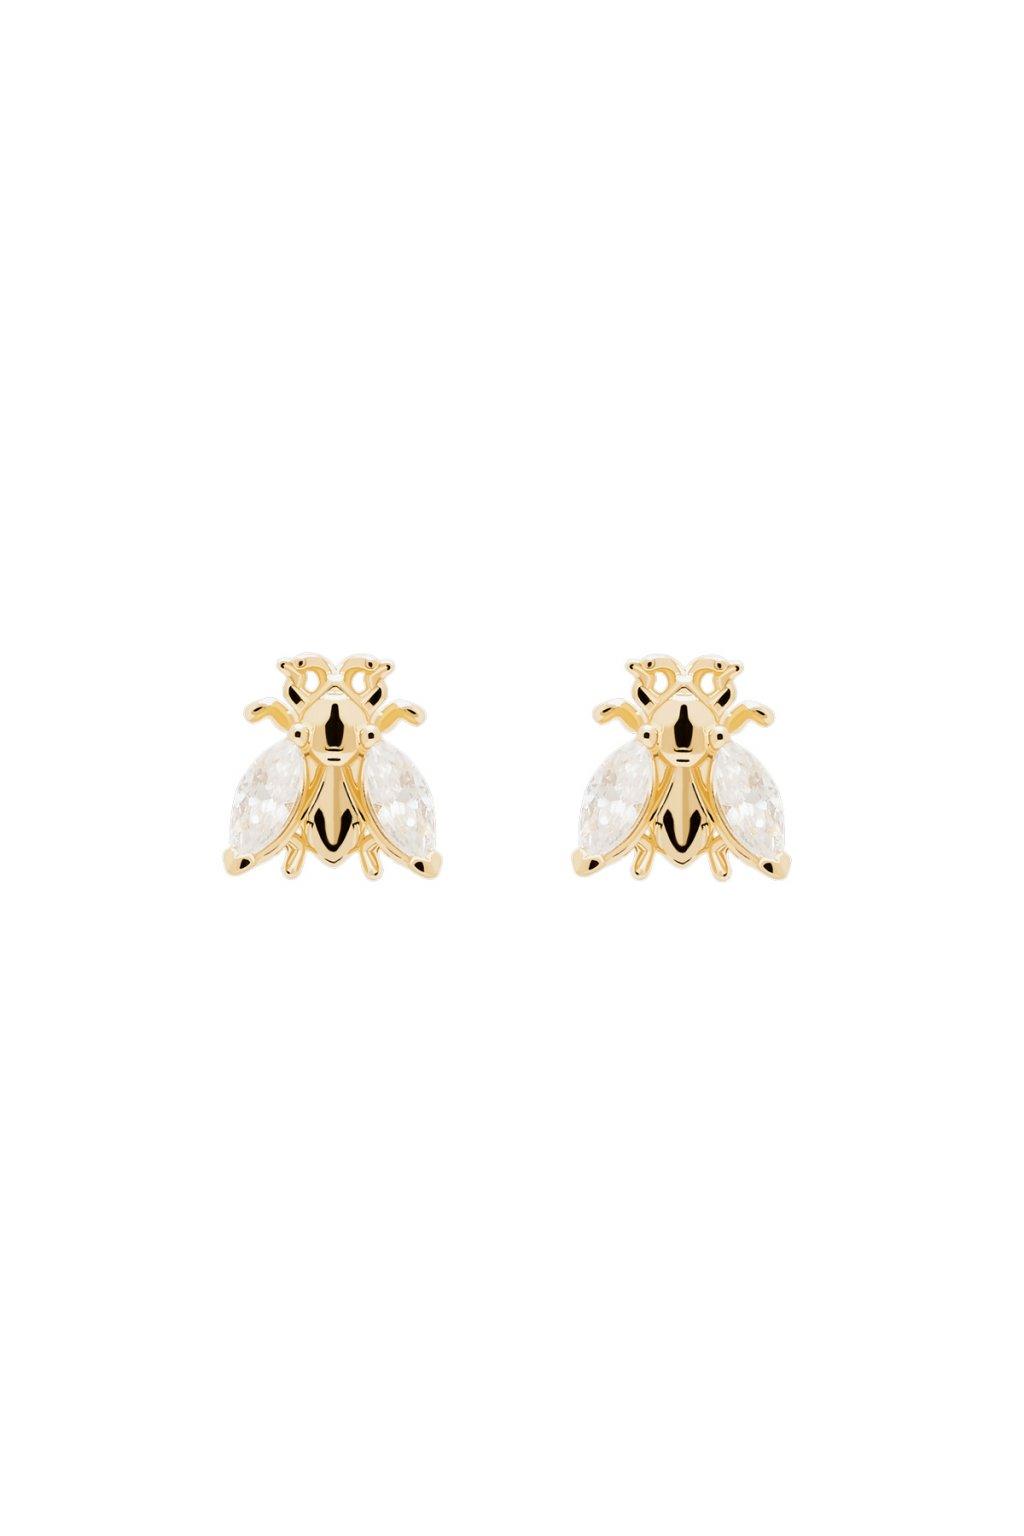 0025 AR01 U 311 gold